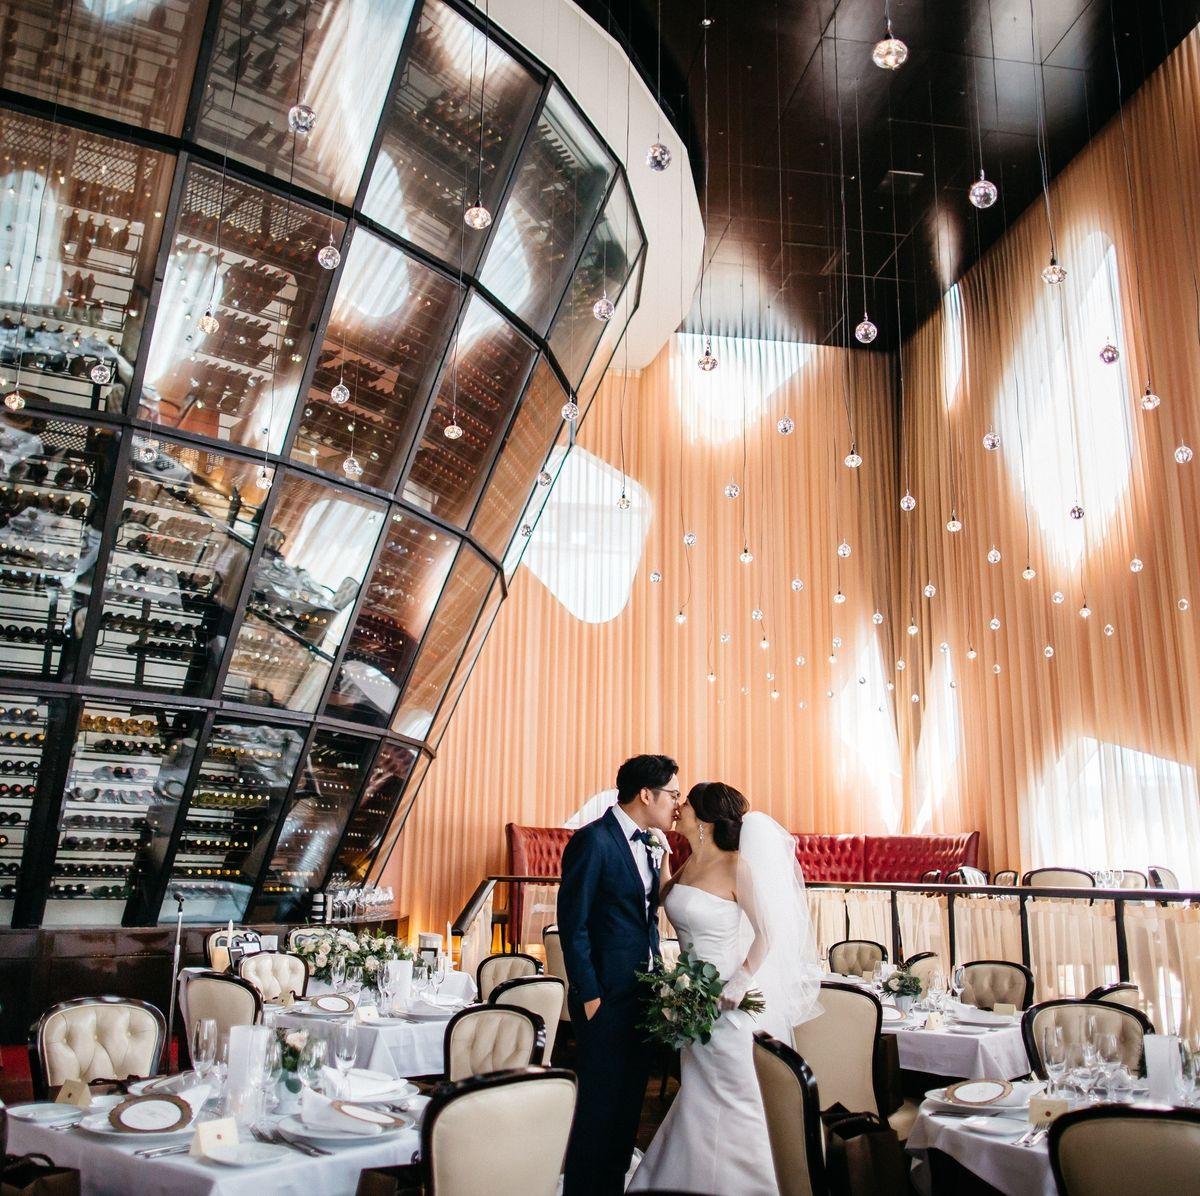 a_o_weddingさんのダズル銀座写真1枚目